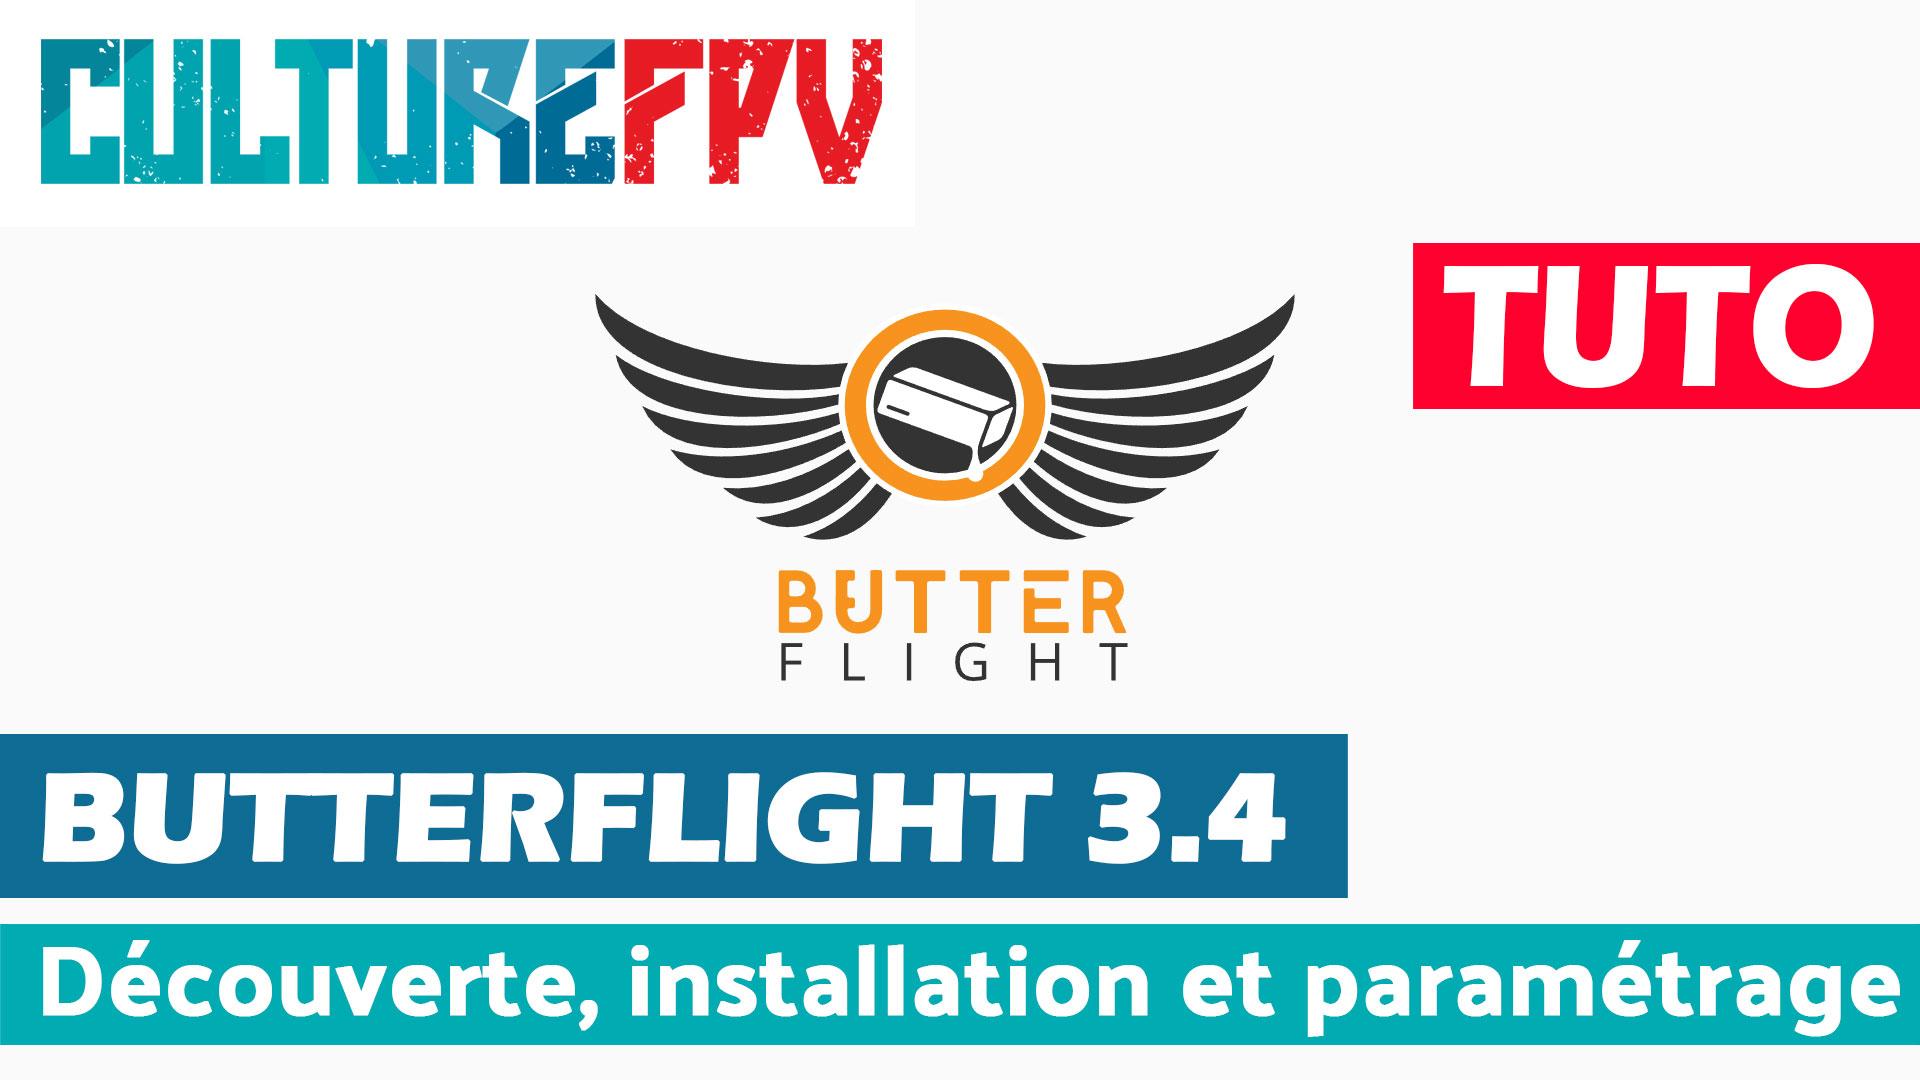 butterflight 3.4 installation et paramétrage